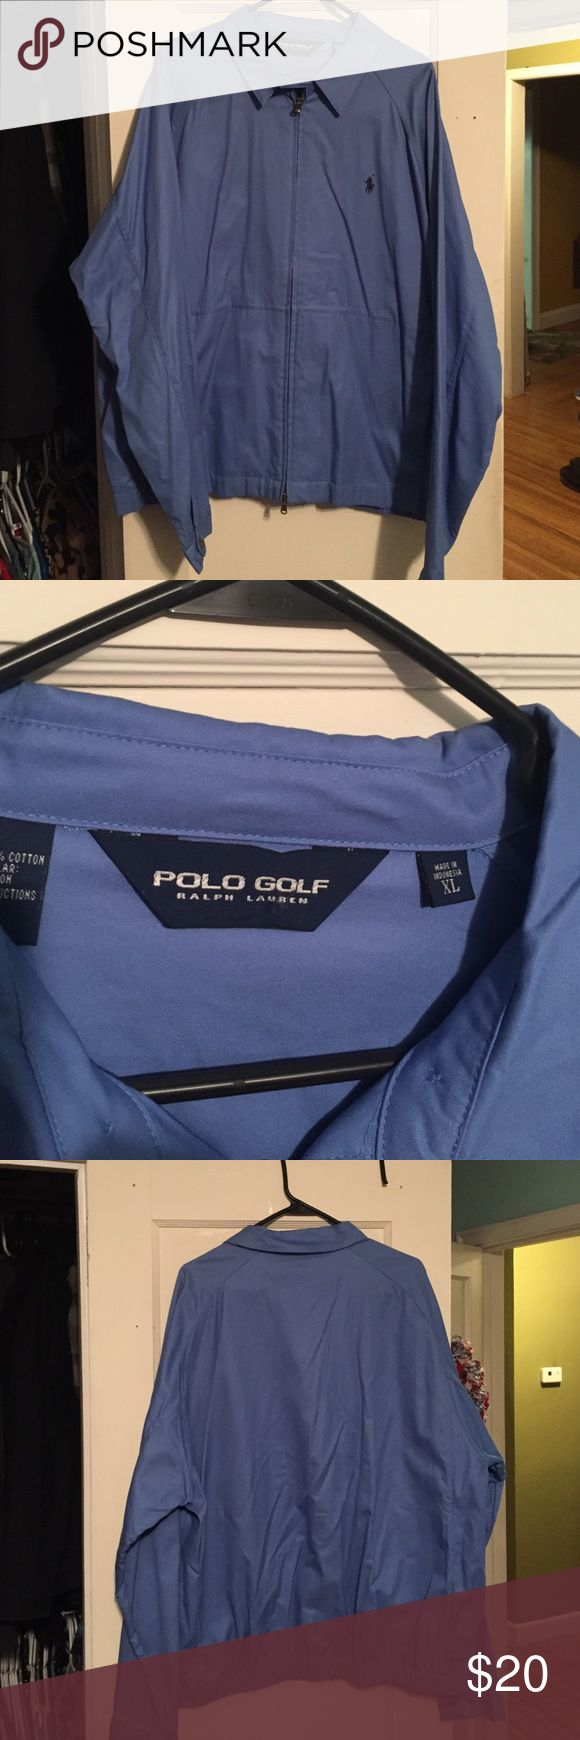 Men's Ralph Lauren polo golf jacket size XL Men's Ralph Lauren polo golf jacket size XL. Worn once. Polo by Ralph Lauren Jackets & Coats Lightweight & Shirt Jackets